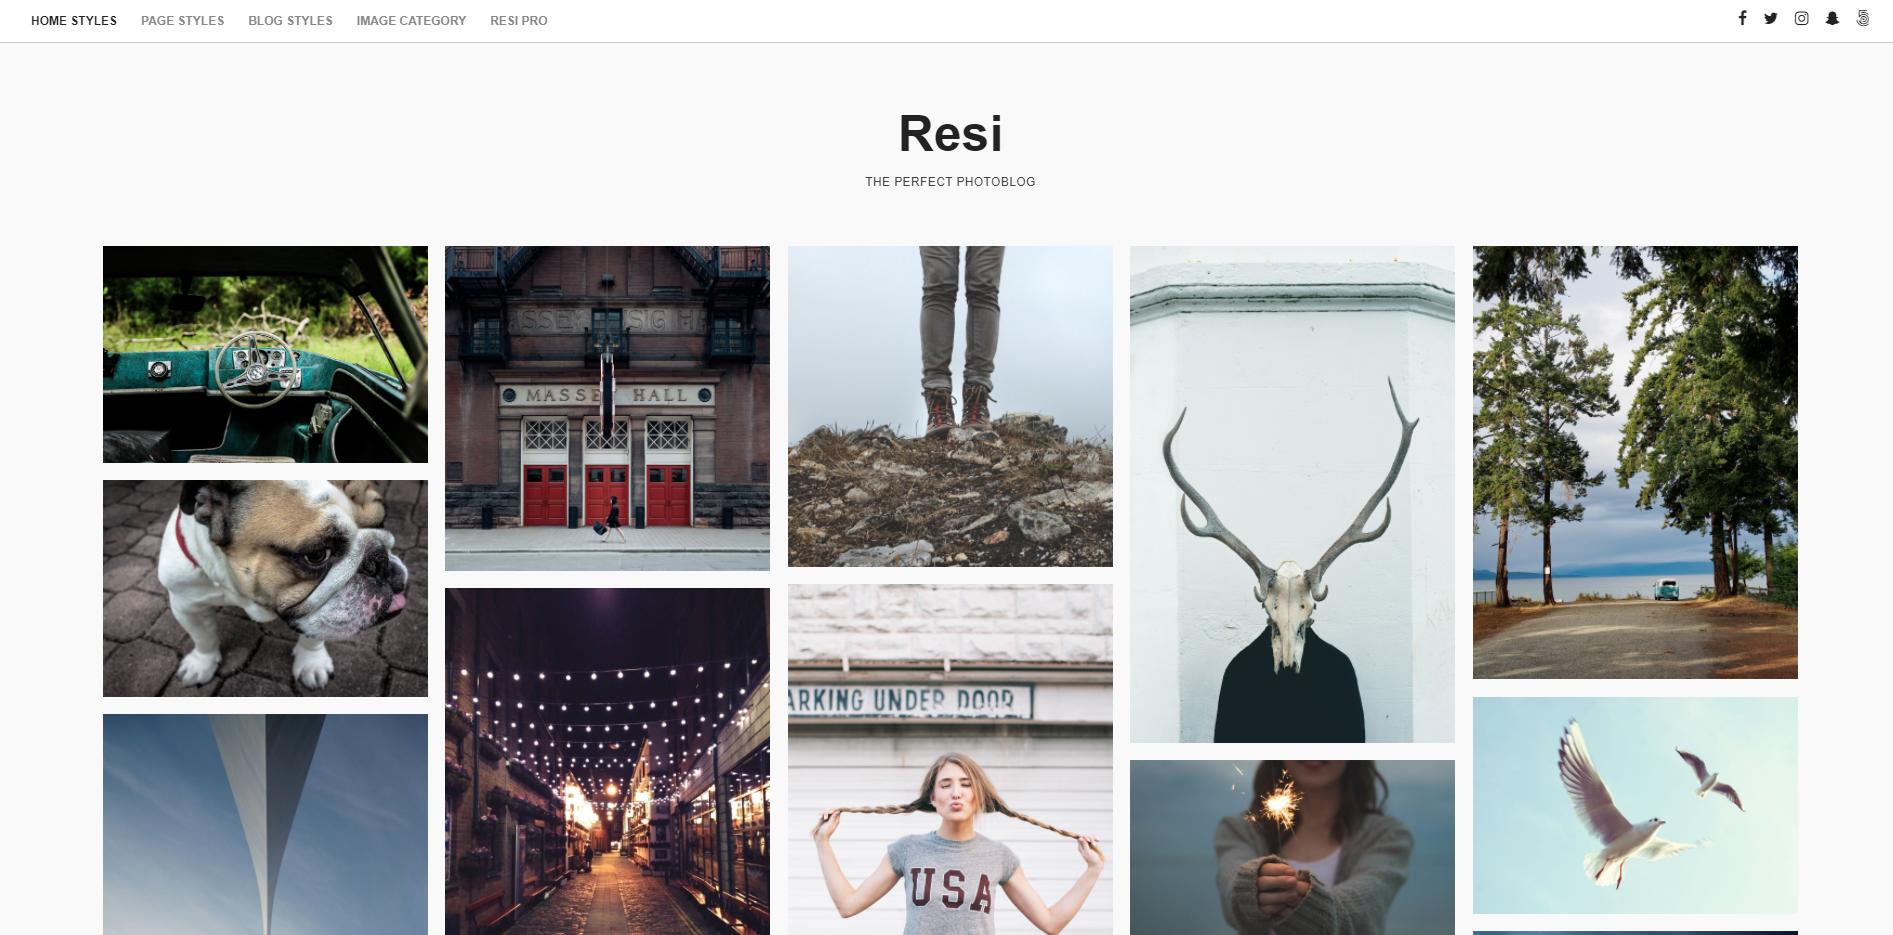 图片博客WordPress主题:ResiWordPress博客主题图片